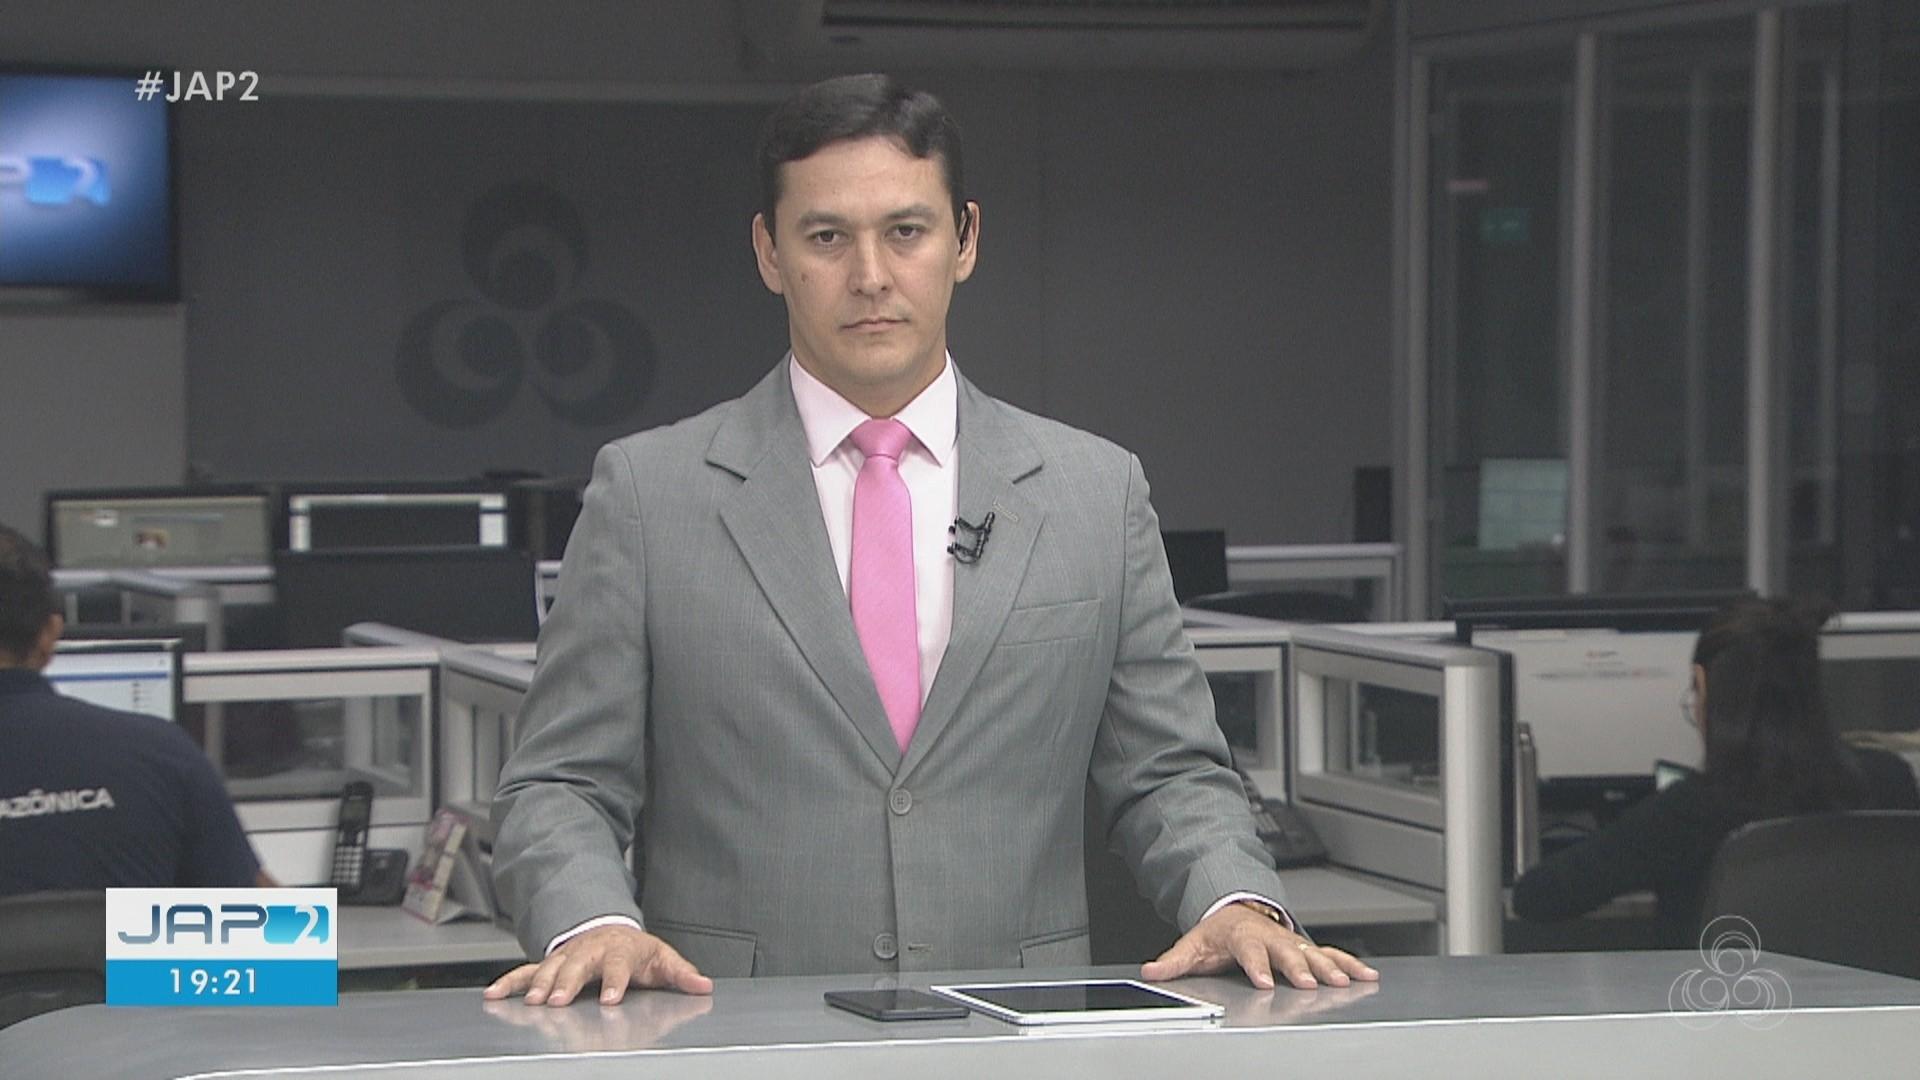 VÍDEOS: JAP2 de quinta-feira, 2 de abril